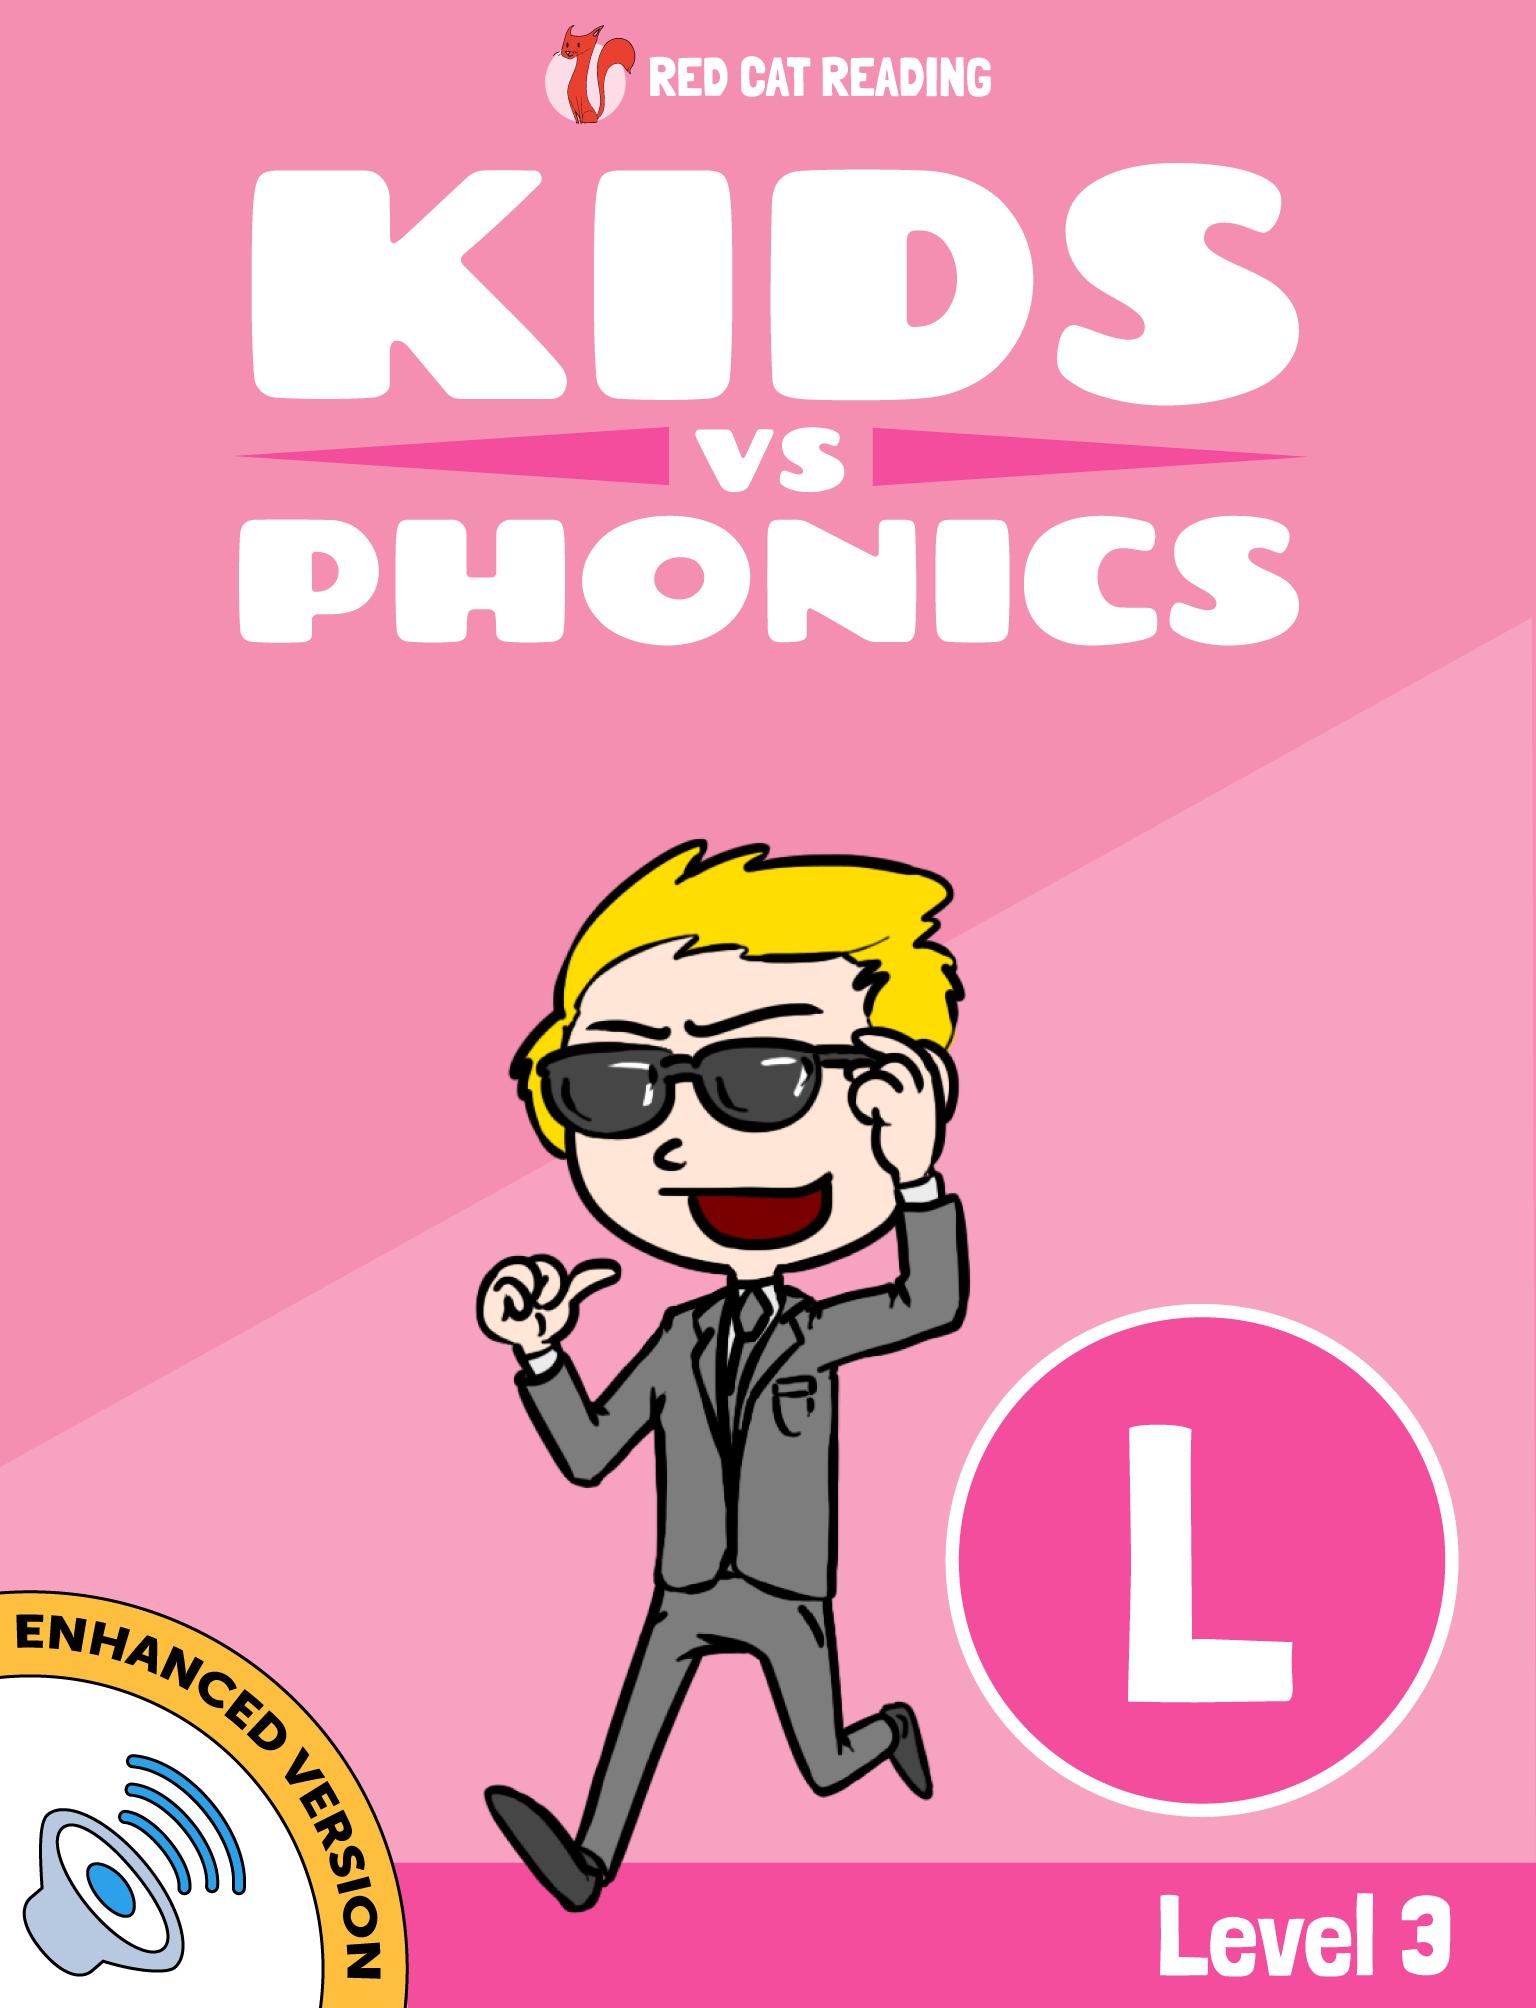 Red Cat Reading Kids vs Phonics Level 3 Phonics L Sound